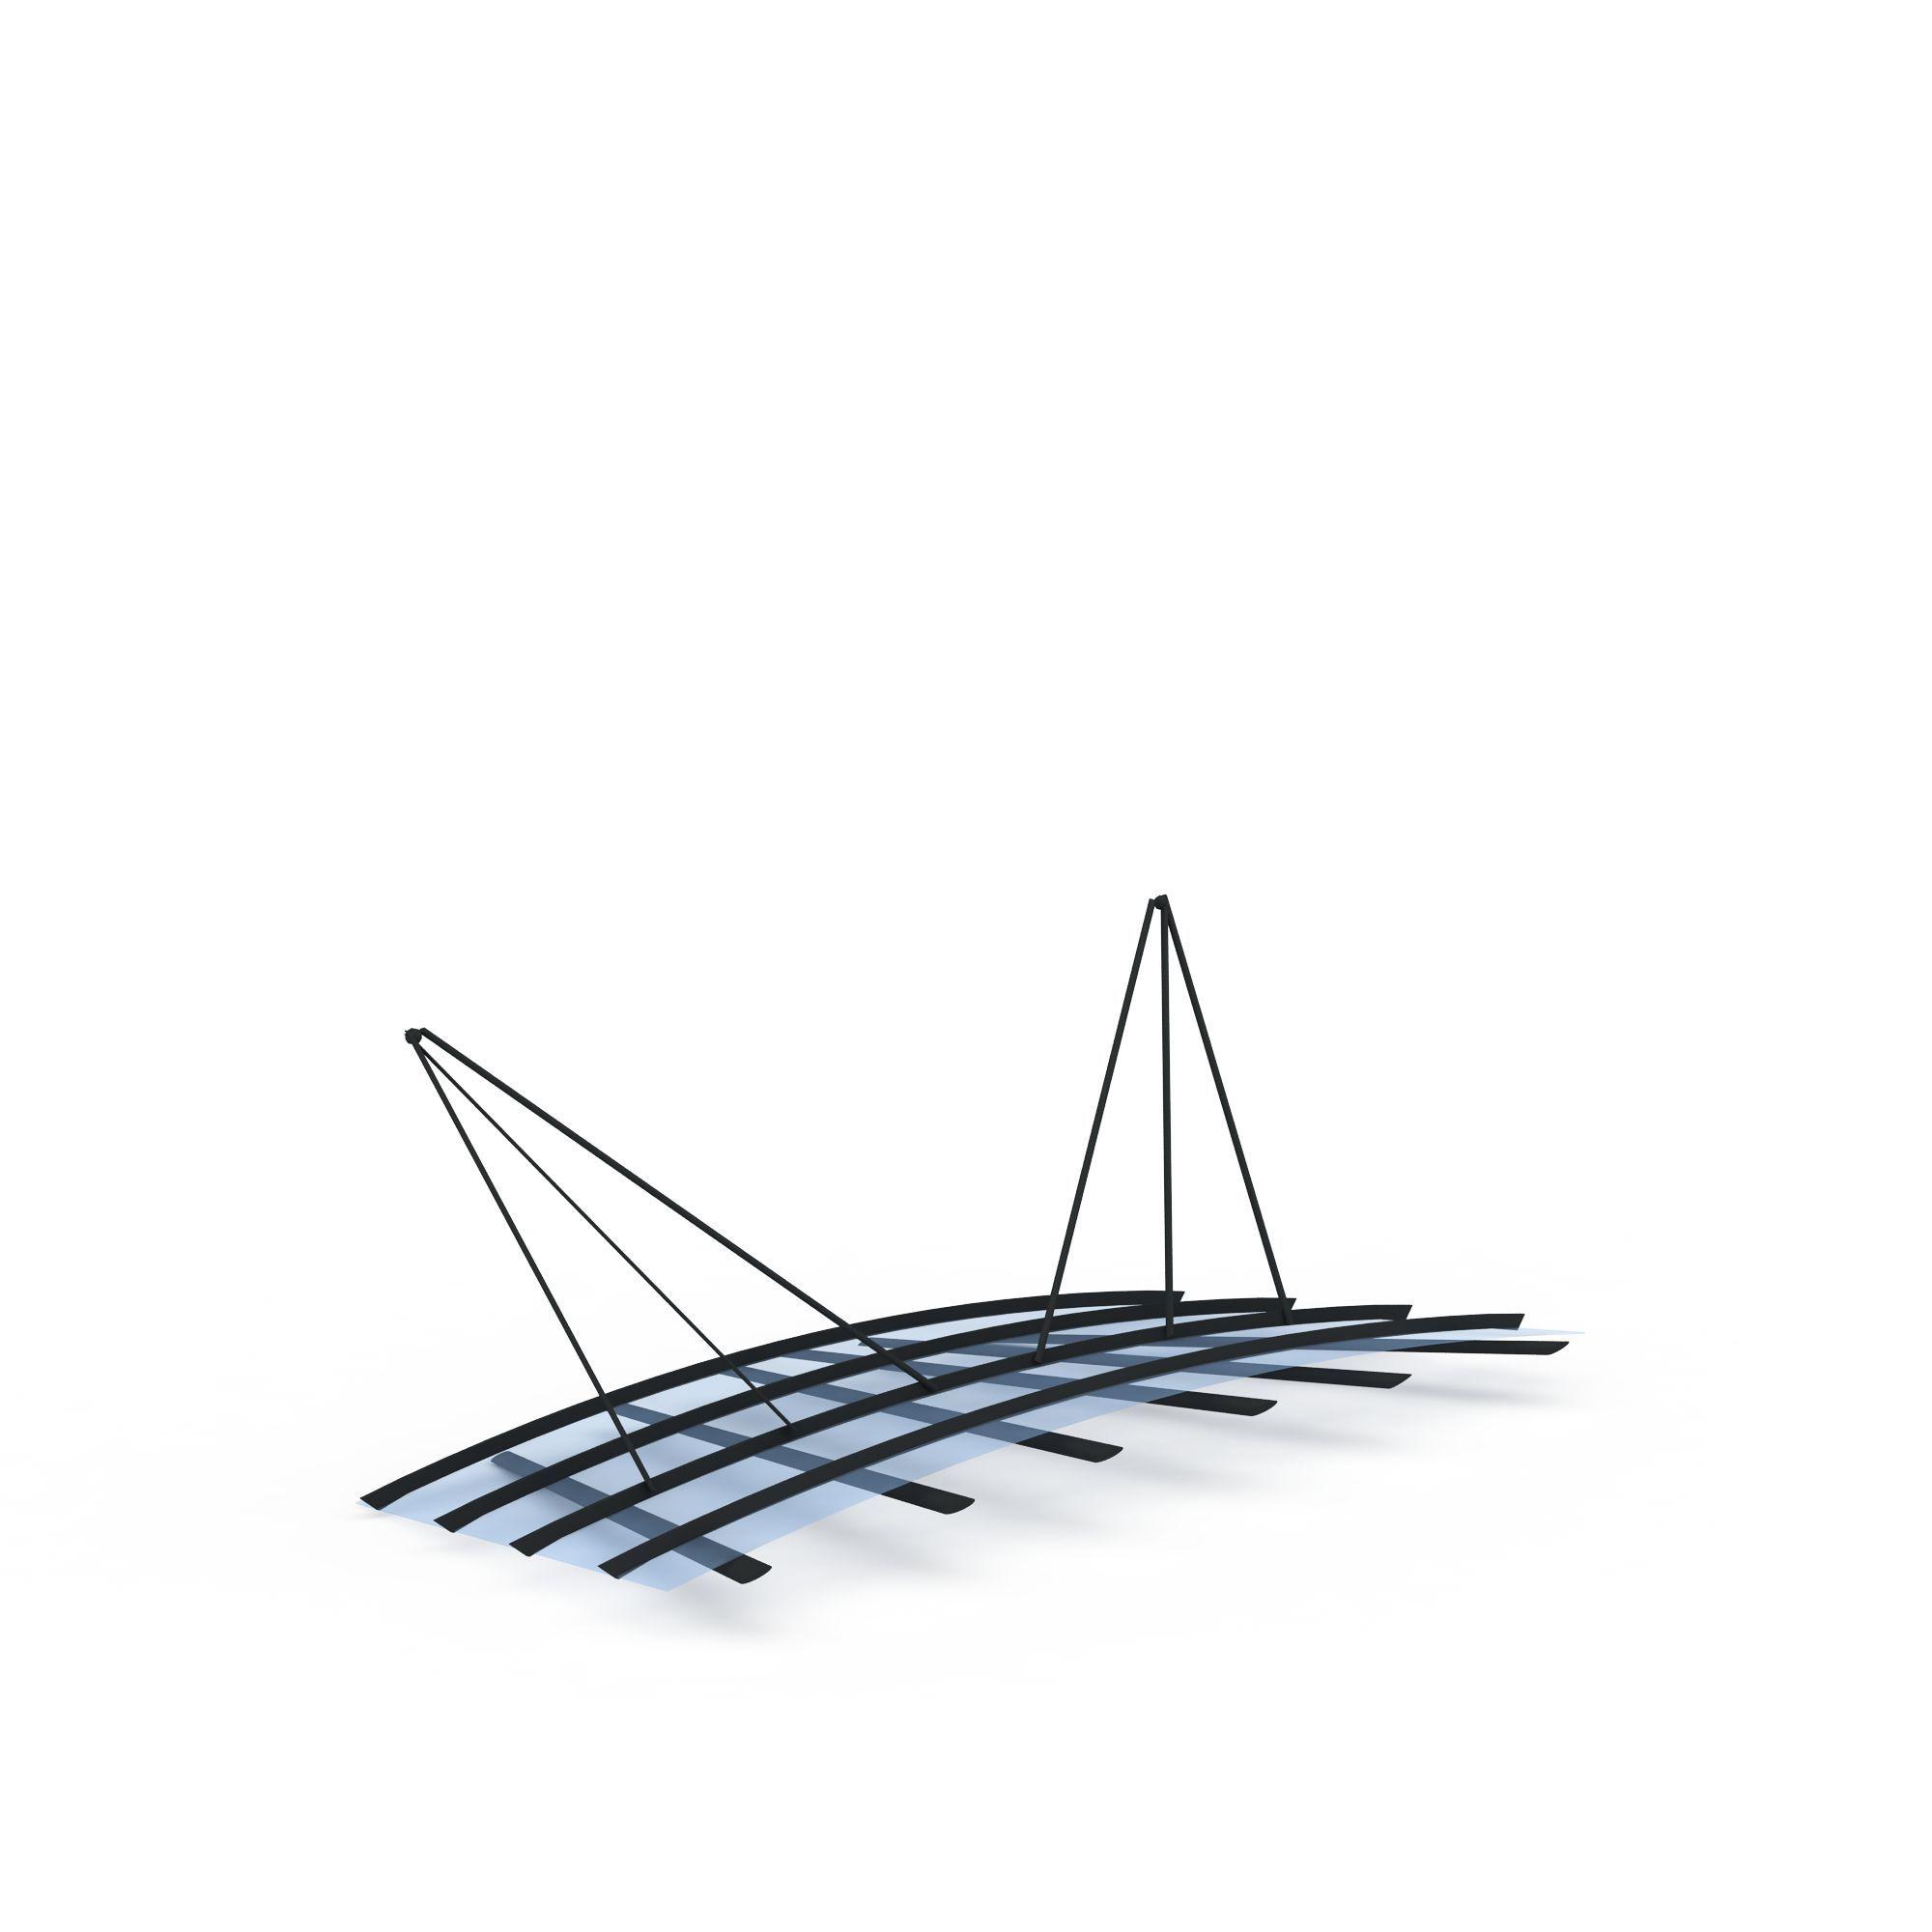 构件五金 其它 钢结构雨棚3d模型 钢结构雨棚png高清图  钢结构雨棚